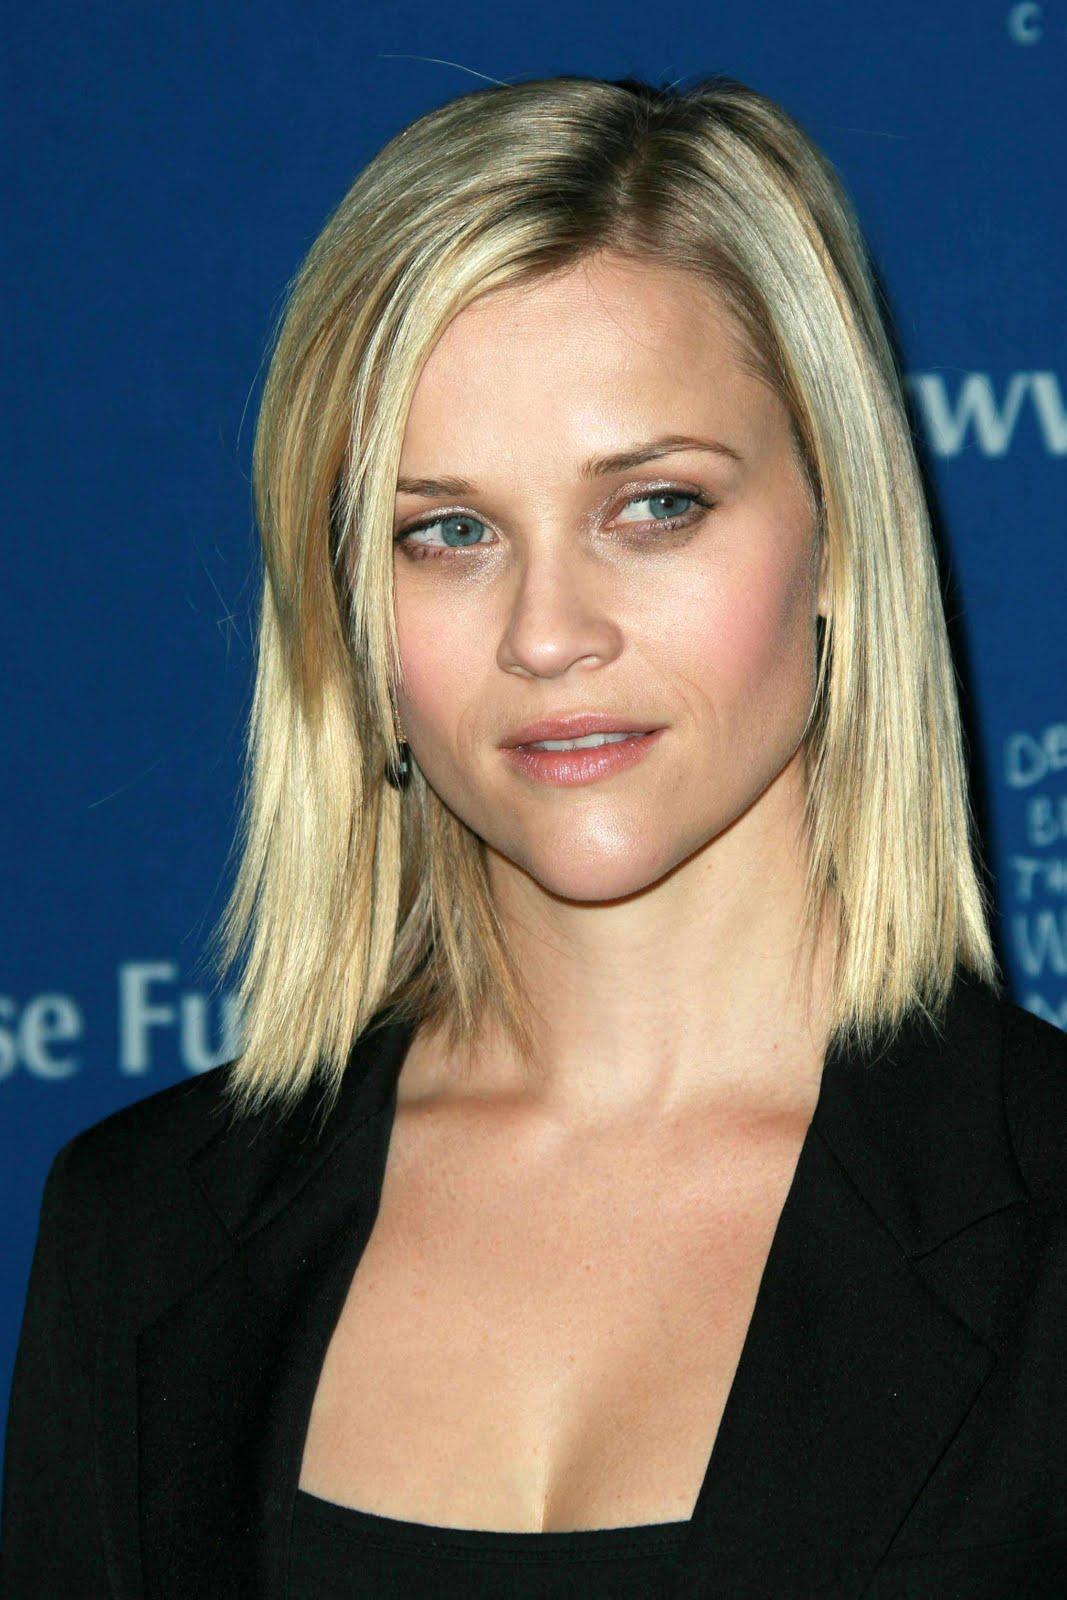 http://4.bp.blogspot.com/-CJySkTIqypQ/Txs6jak0V1I/AAAAAAAACiI/LsEFfJ_HpV4/s1600/Reese-Witherspoon-104036.jpg